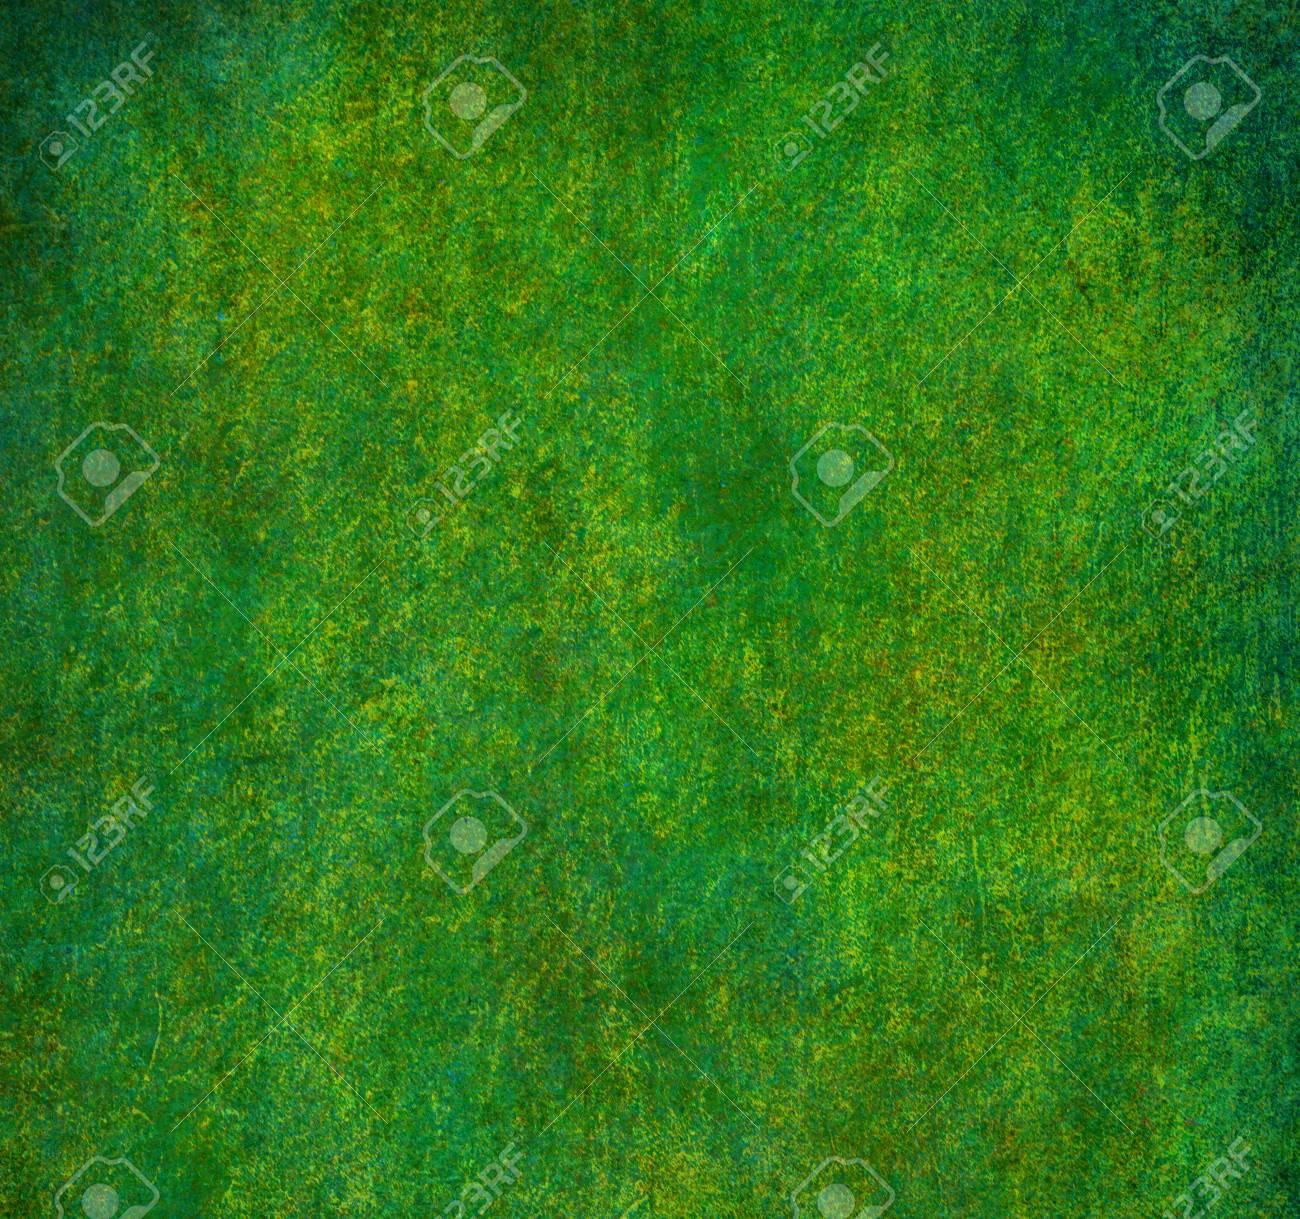 abstrakte grünen hintergrund, alte tapete lizenzfreie fotos, bilder